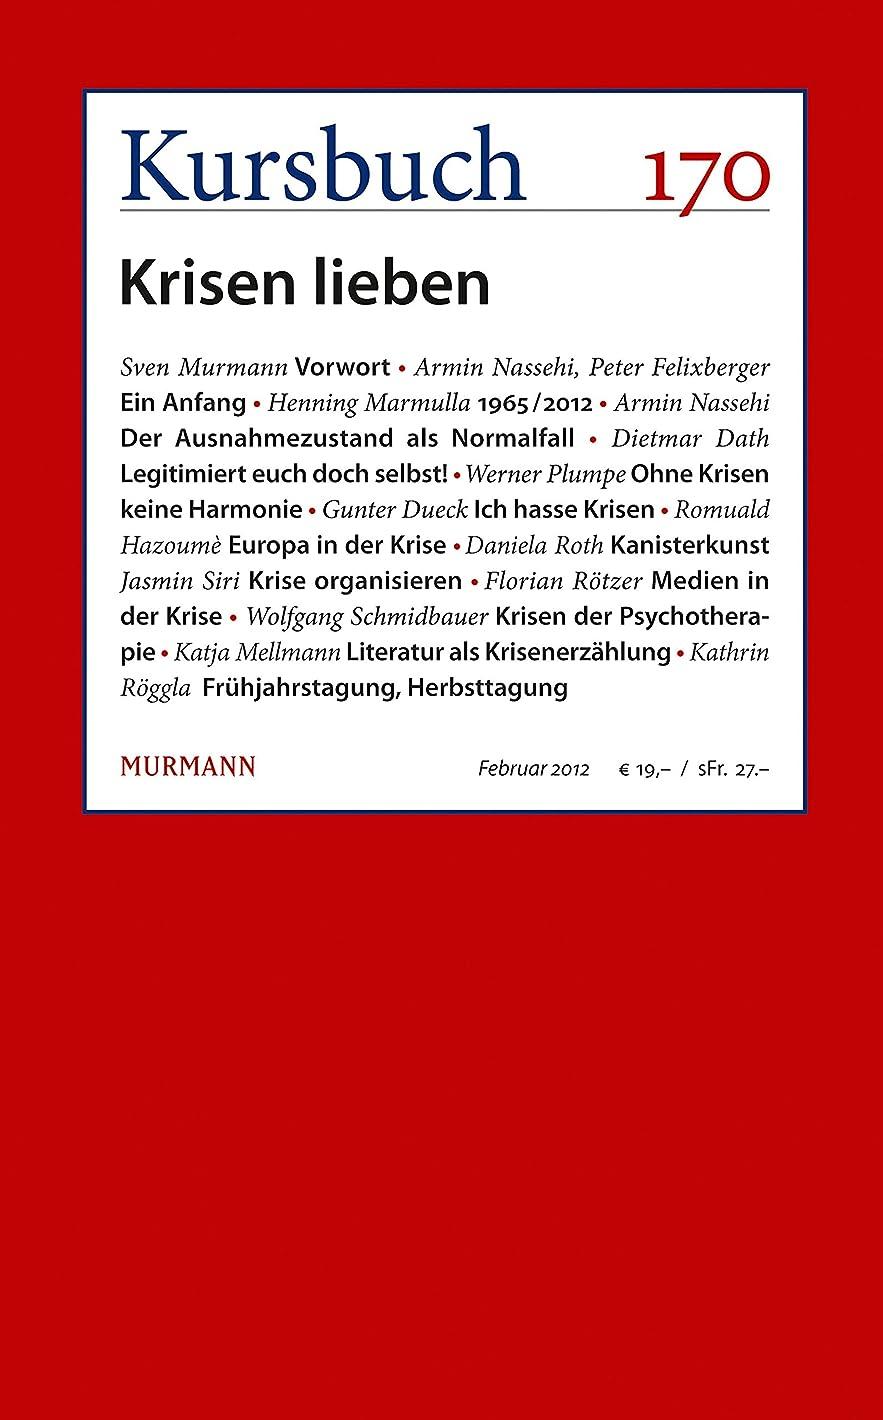 流すイブ渦Kursbuch 170: Krisen lieben (German Edition)